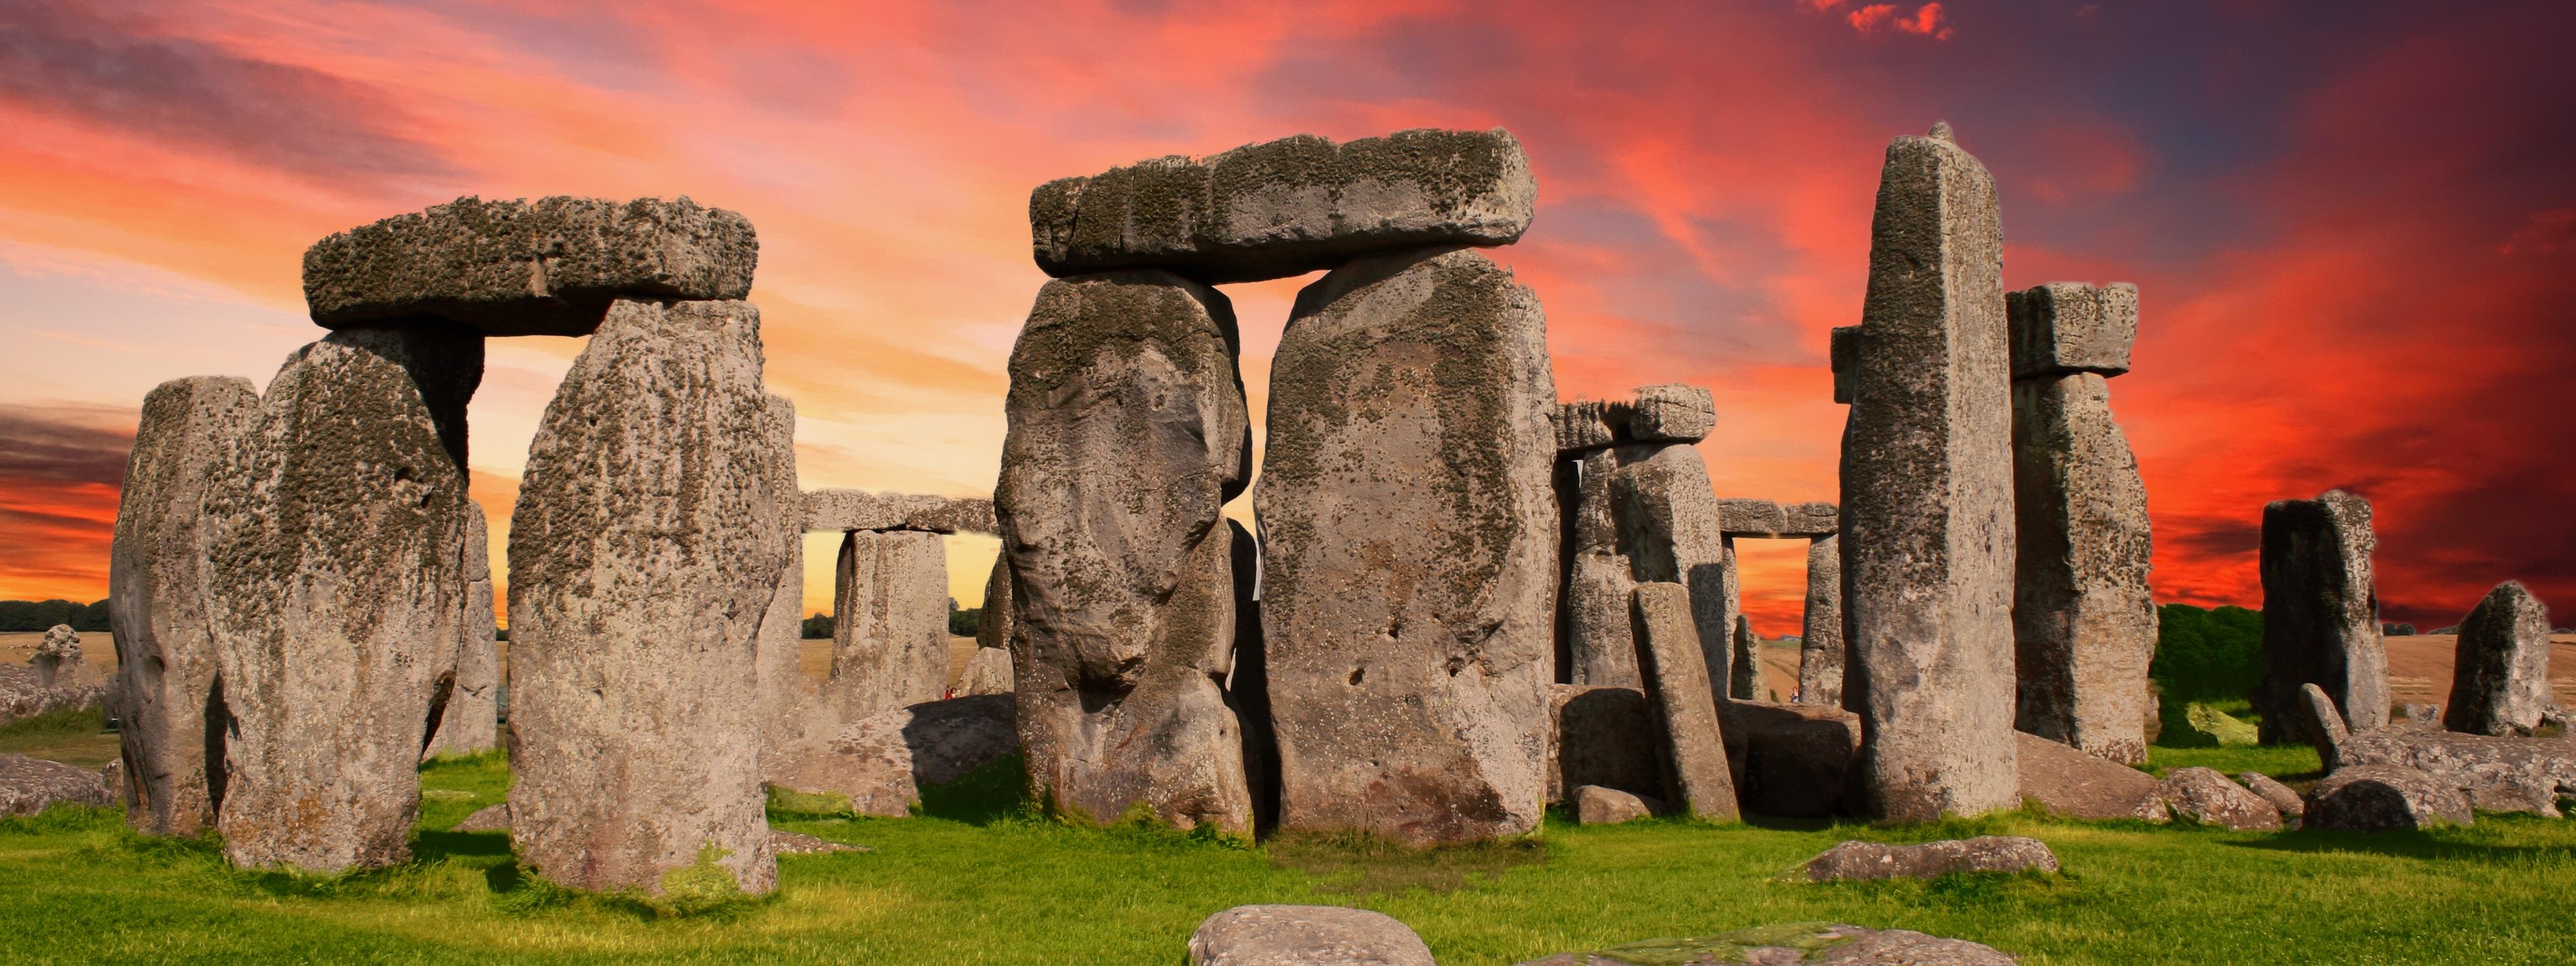 stonehenge-2371476